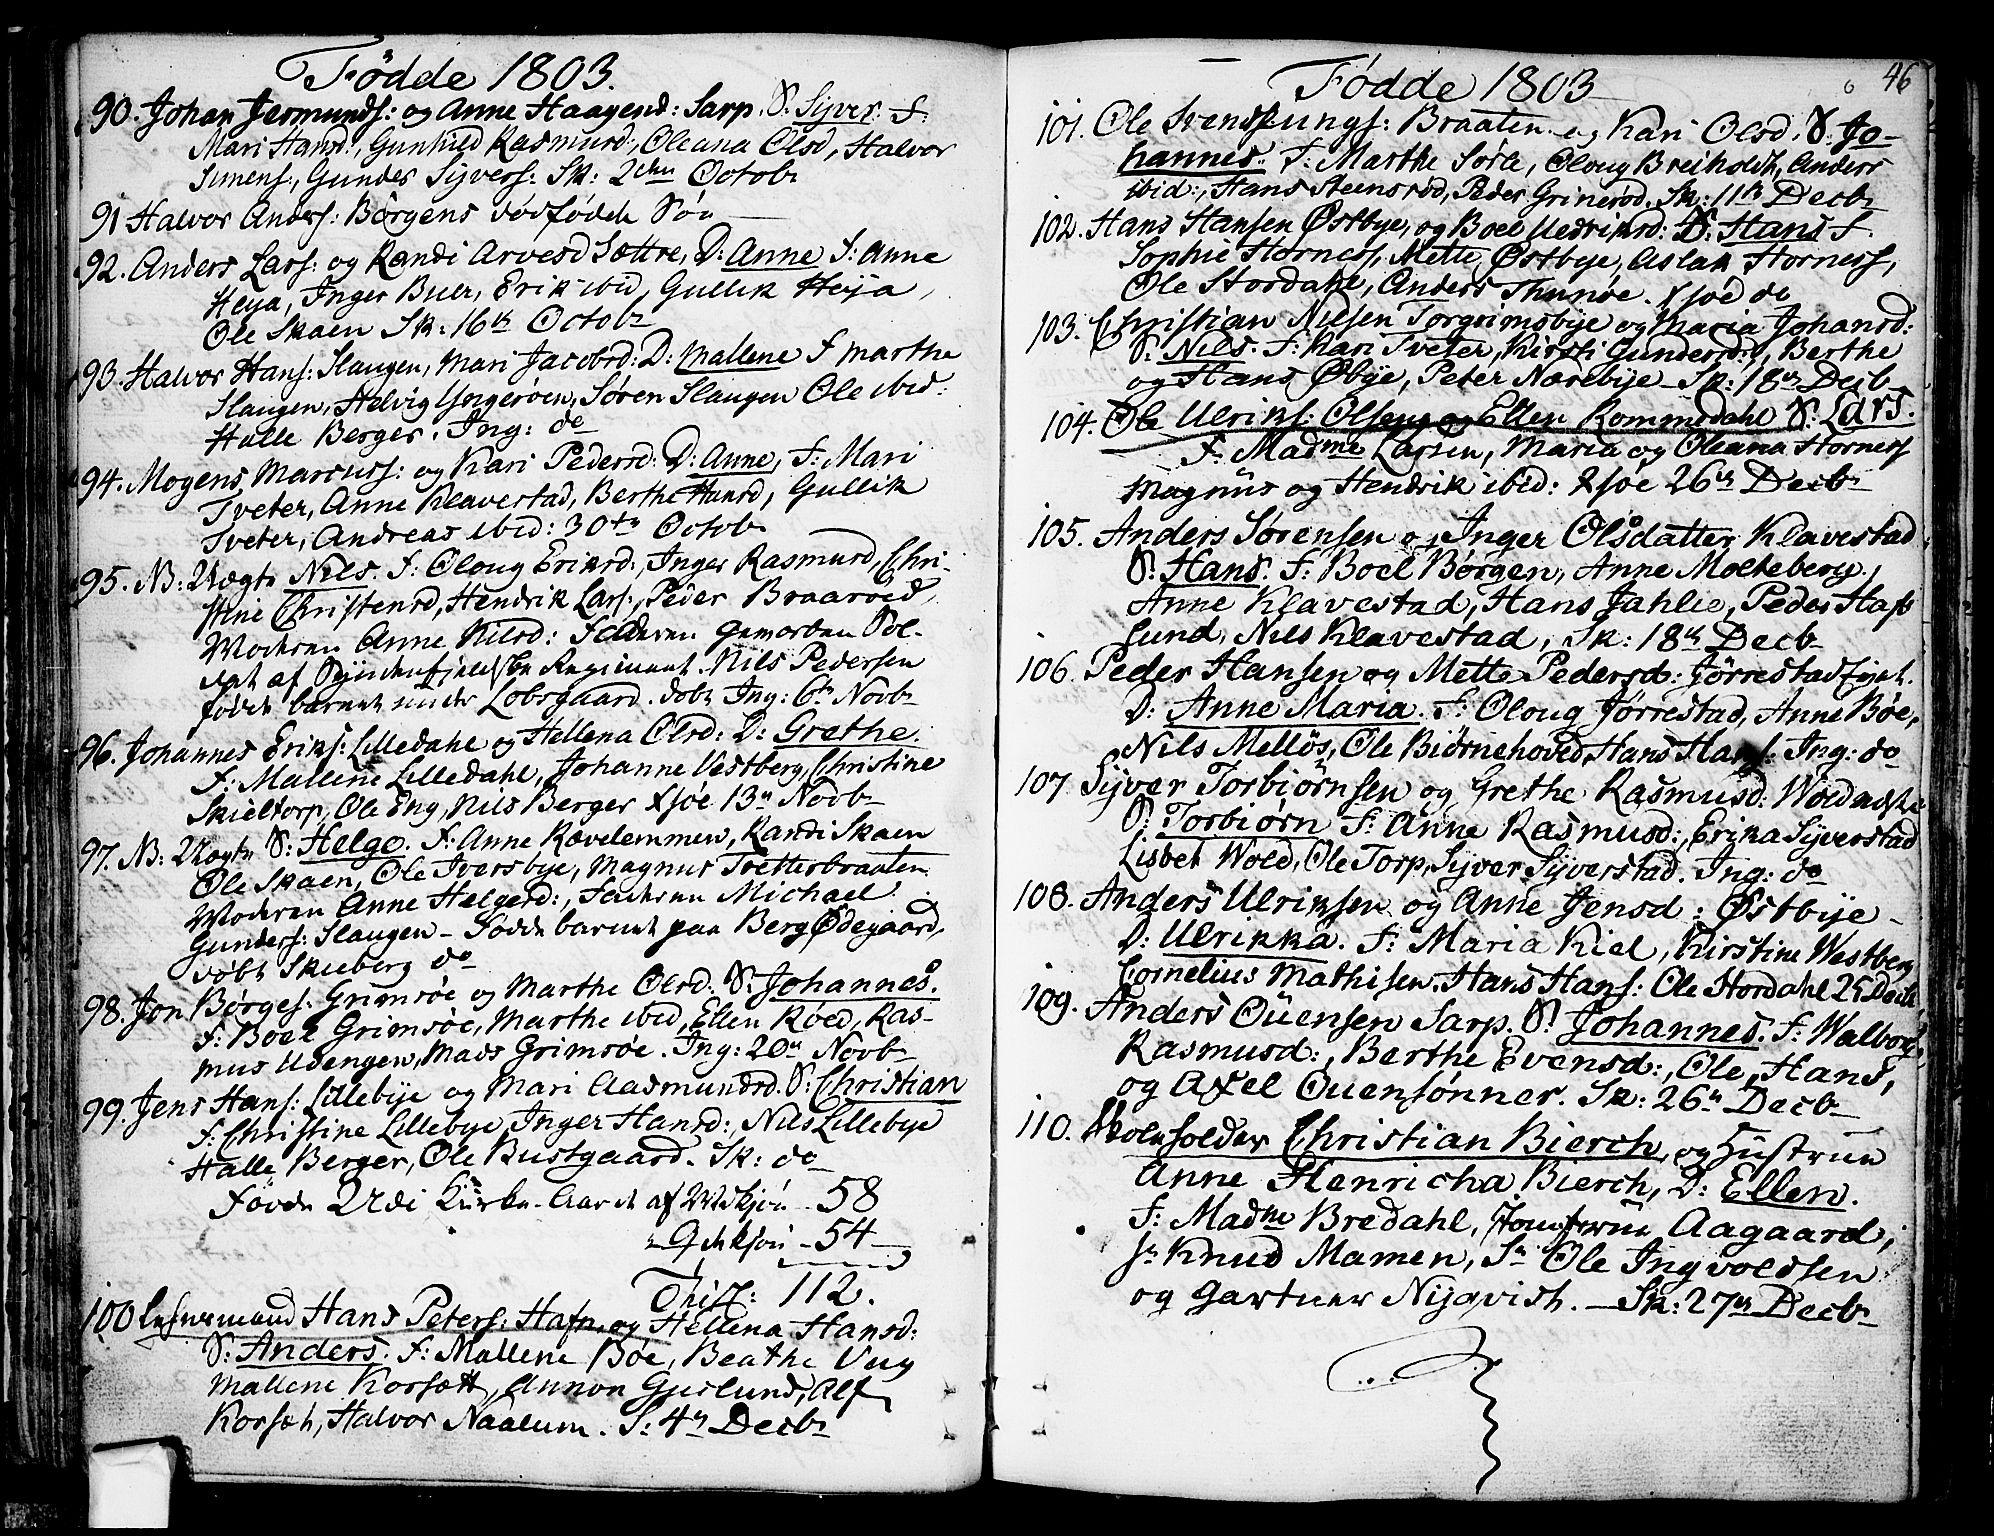 SAO, Skjeberg prestekontor Kirkebøker, F/Fa/L0003: Ministerialbok nr. I 3, 1792-1814, s. 46